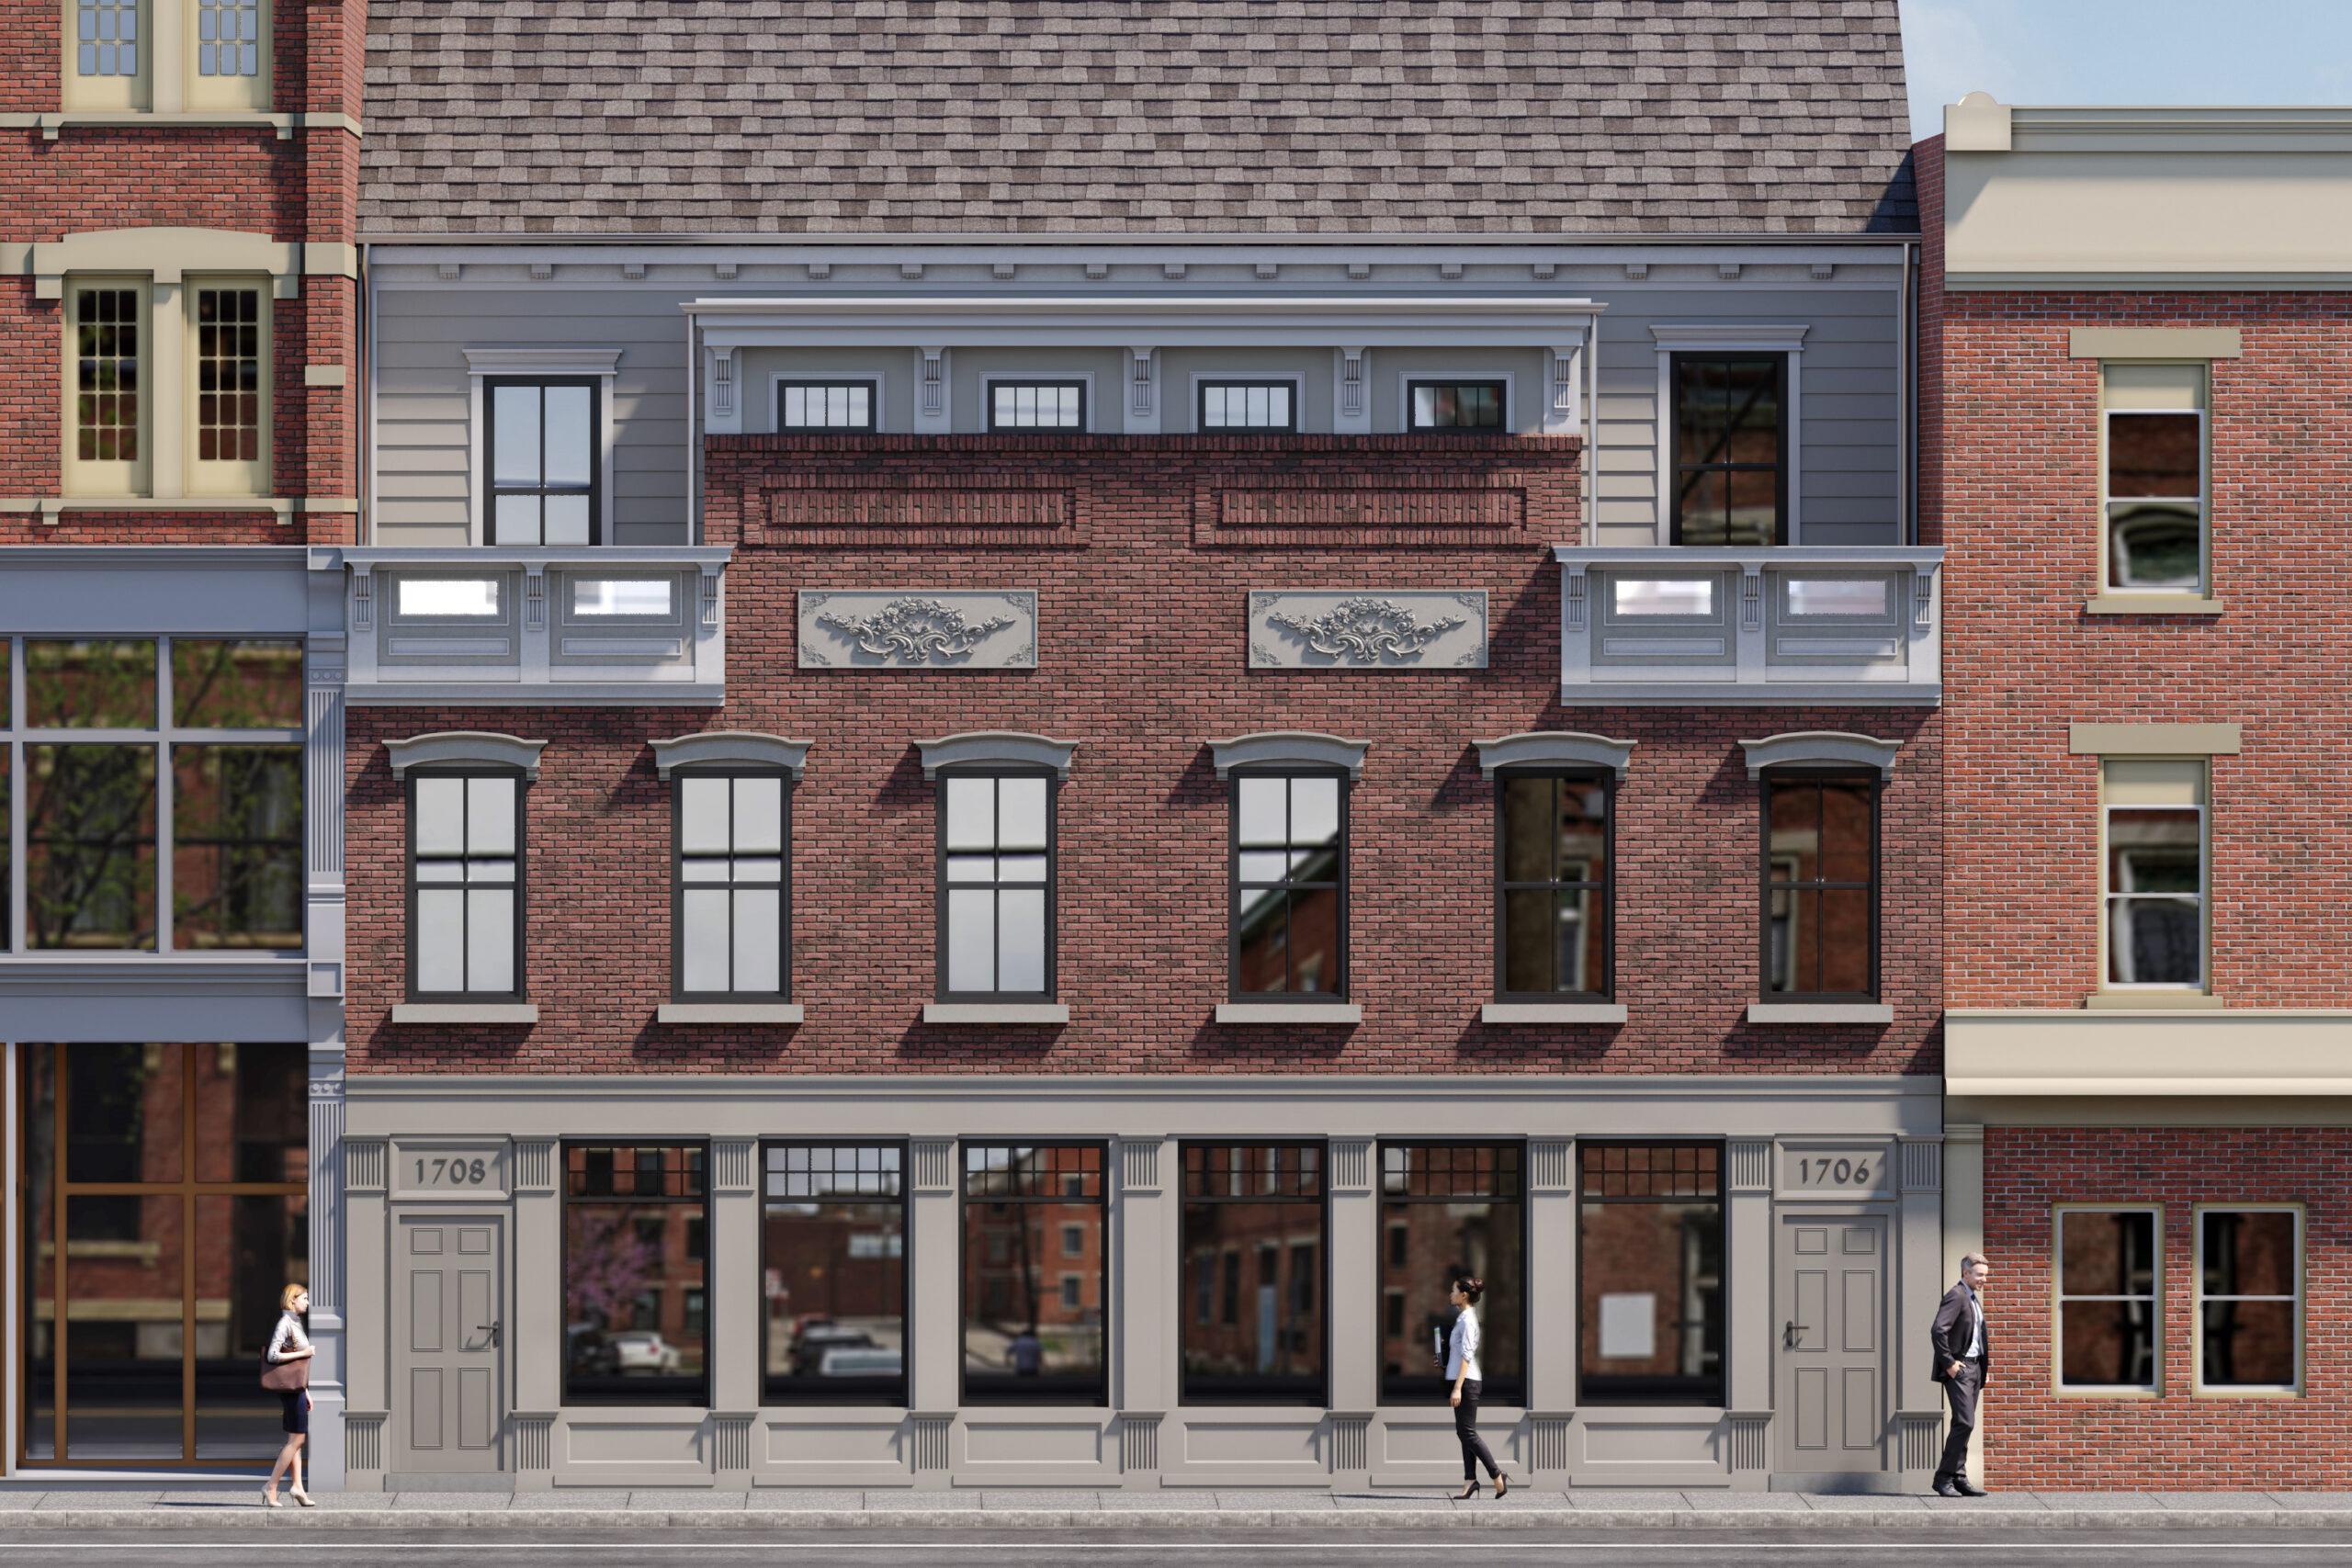 Over 3,300 sq. ft. of Modern Living Space in OTR! | 1706 & 1708 Elm St.